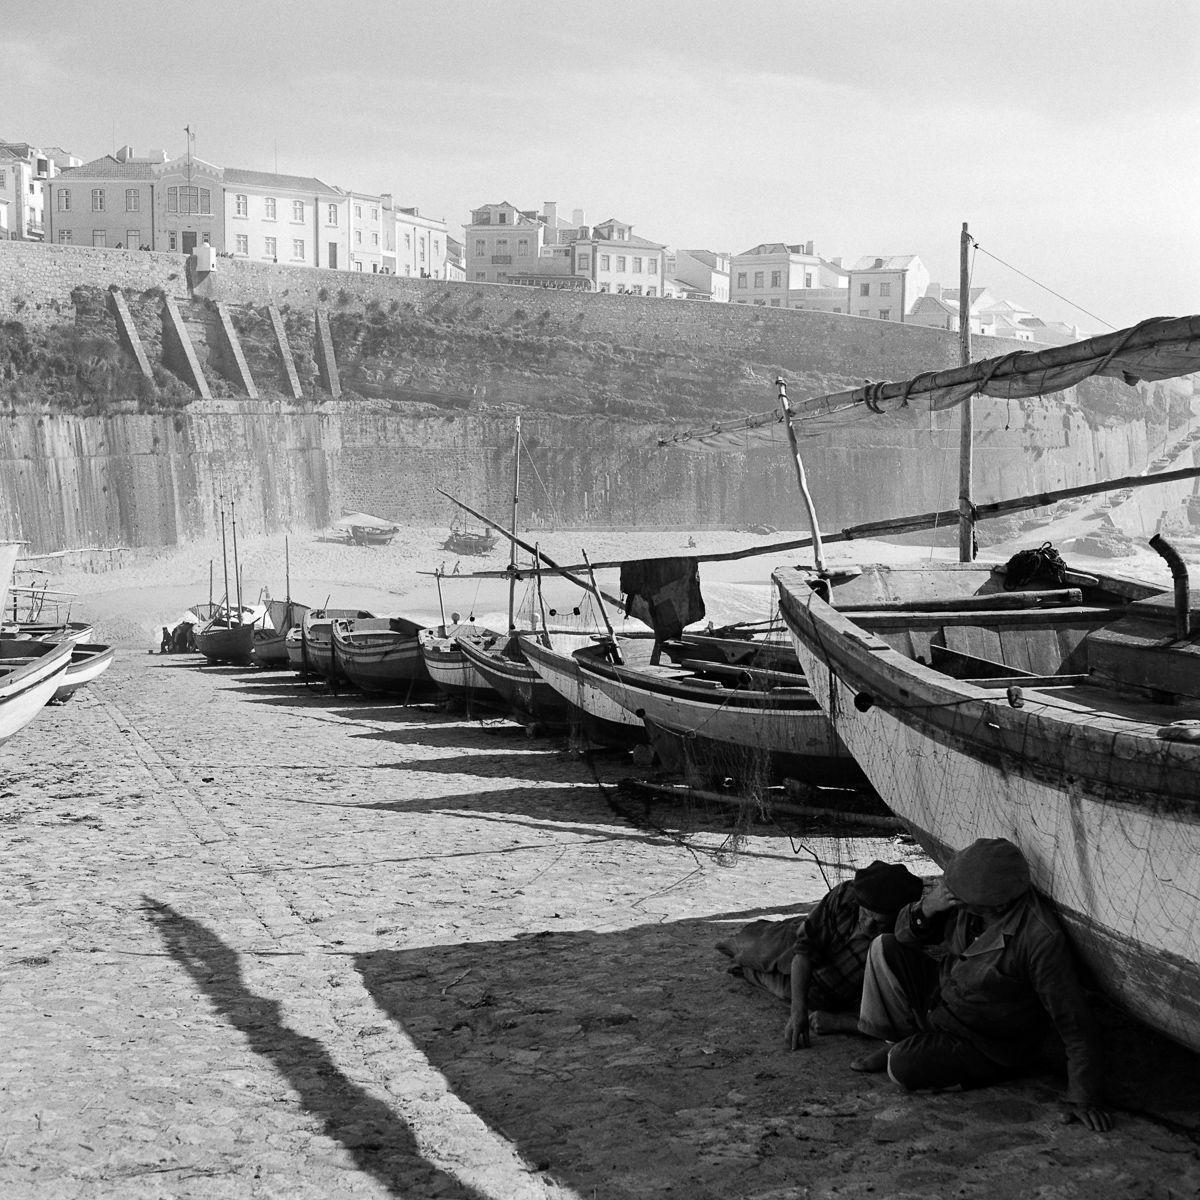 Fotografias deslumbrantes capturam a cultura da pesca dos anos 50 em Portugal 23